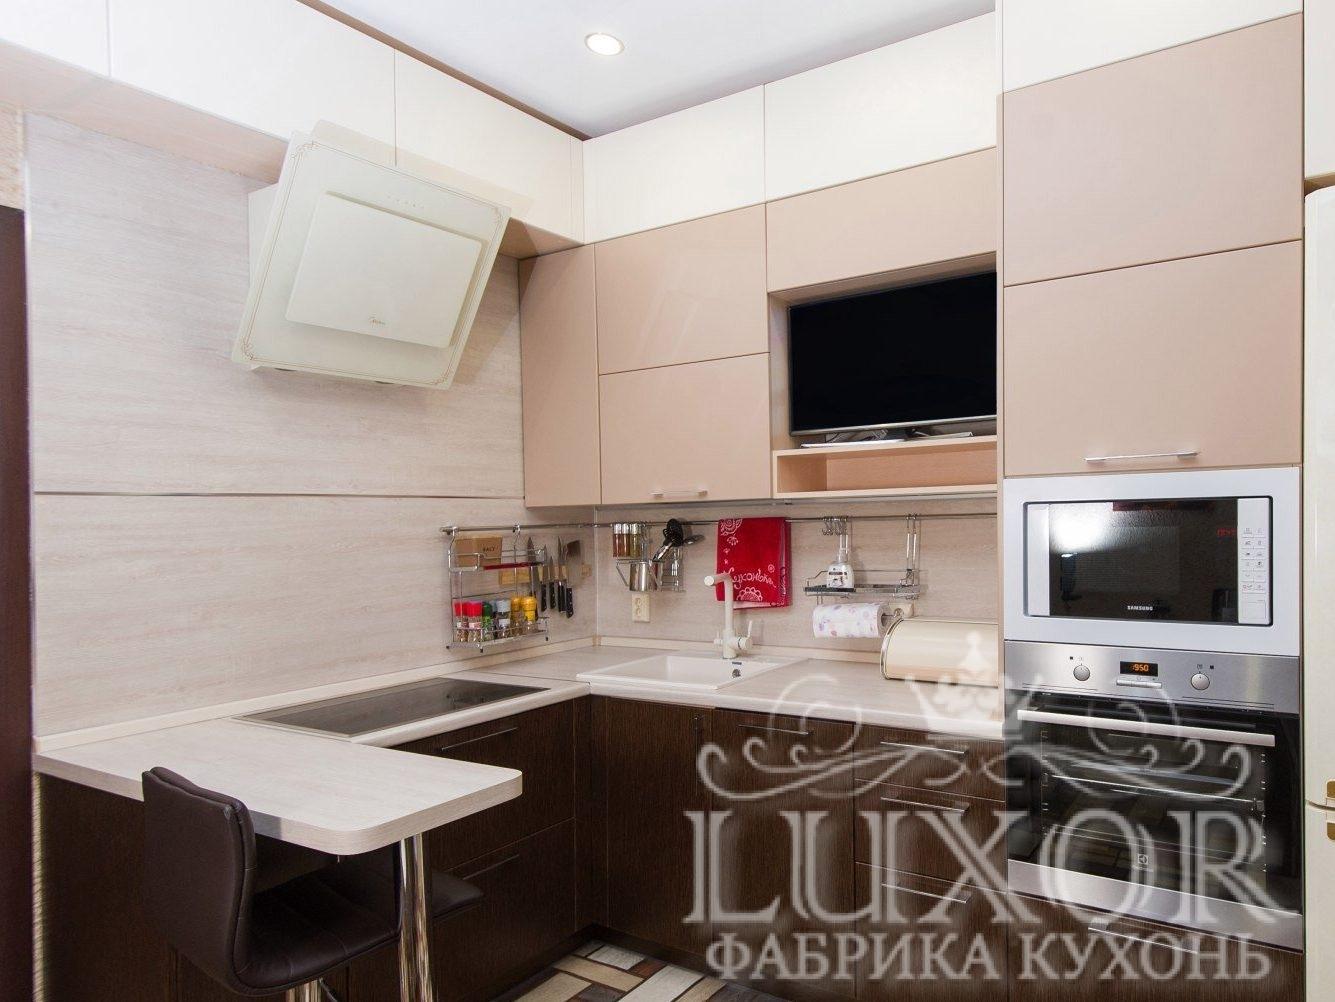 Кухня Лола - изображение